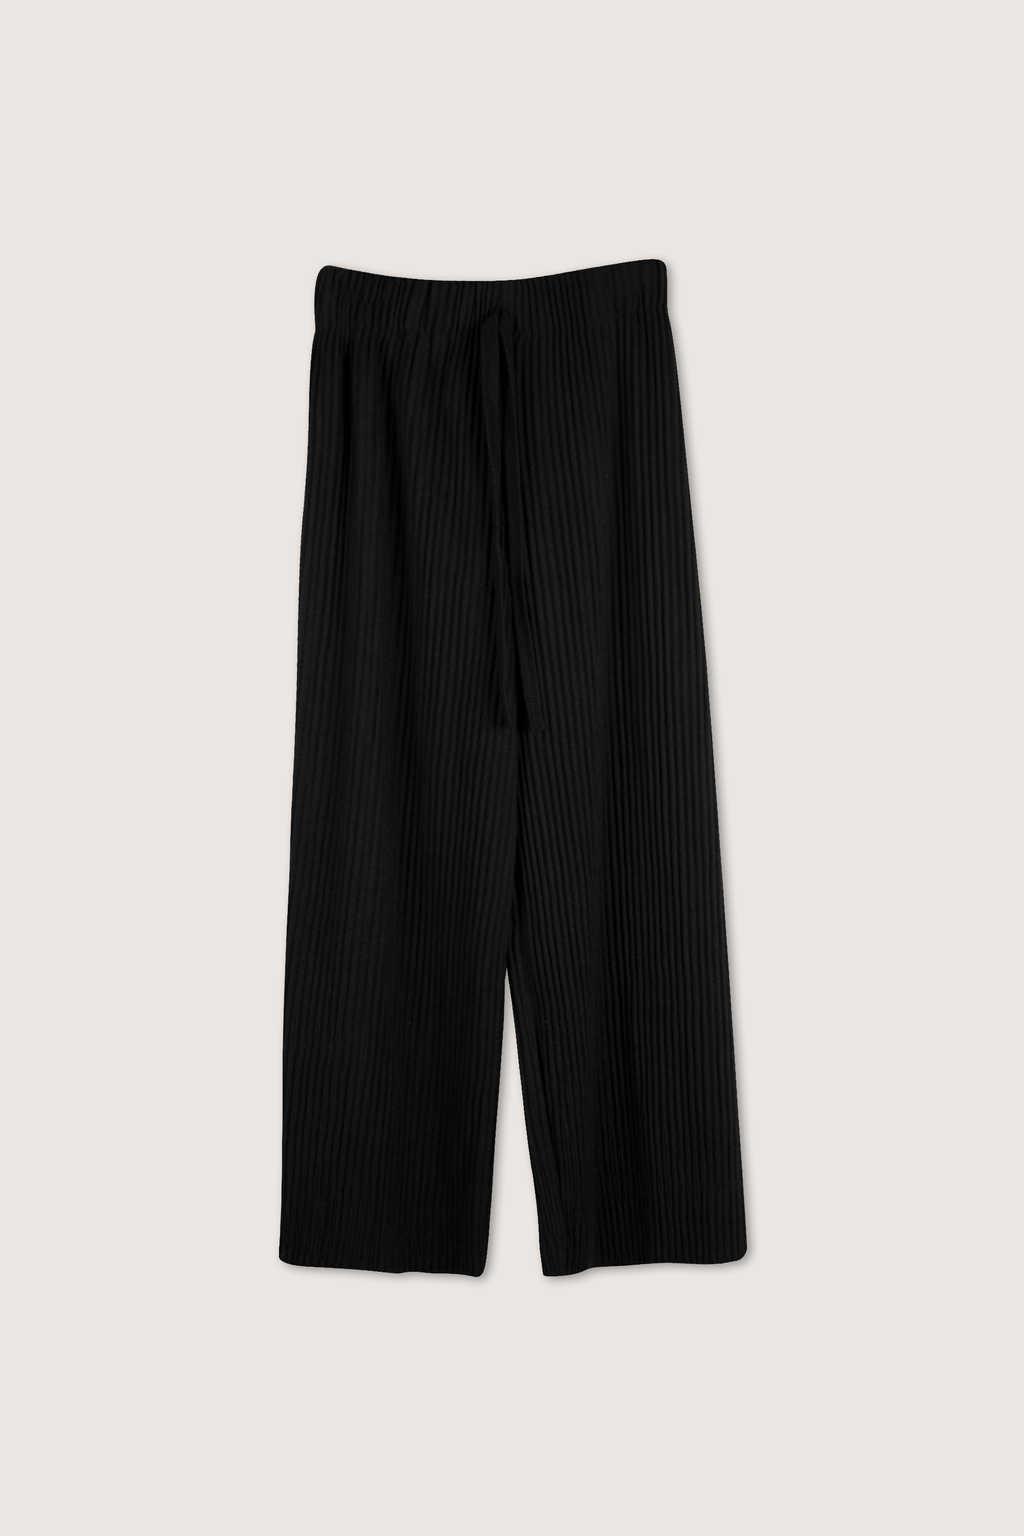 Pant H334 Black 7